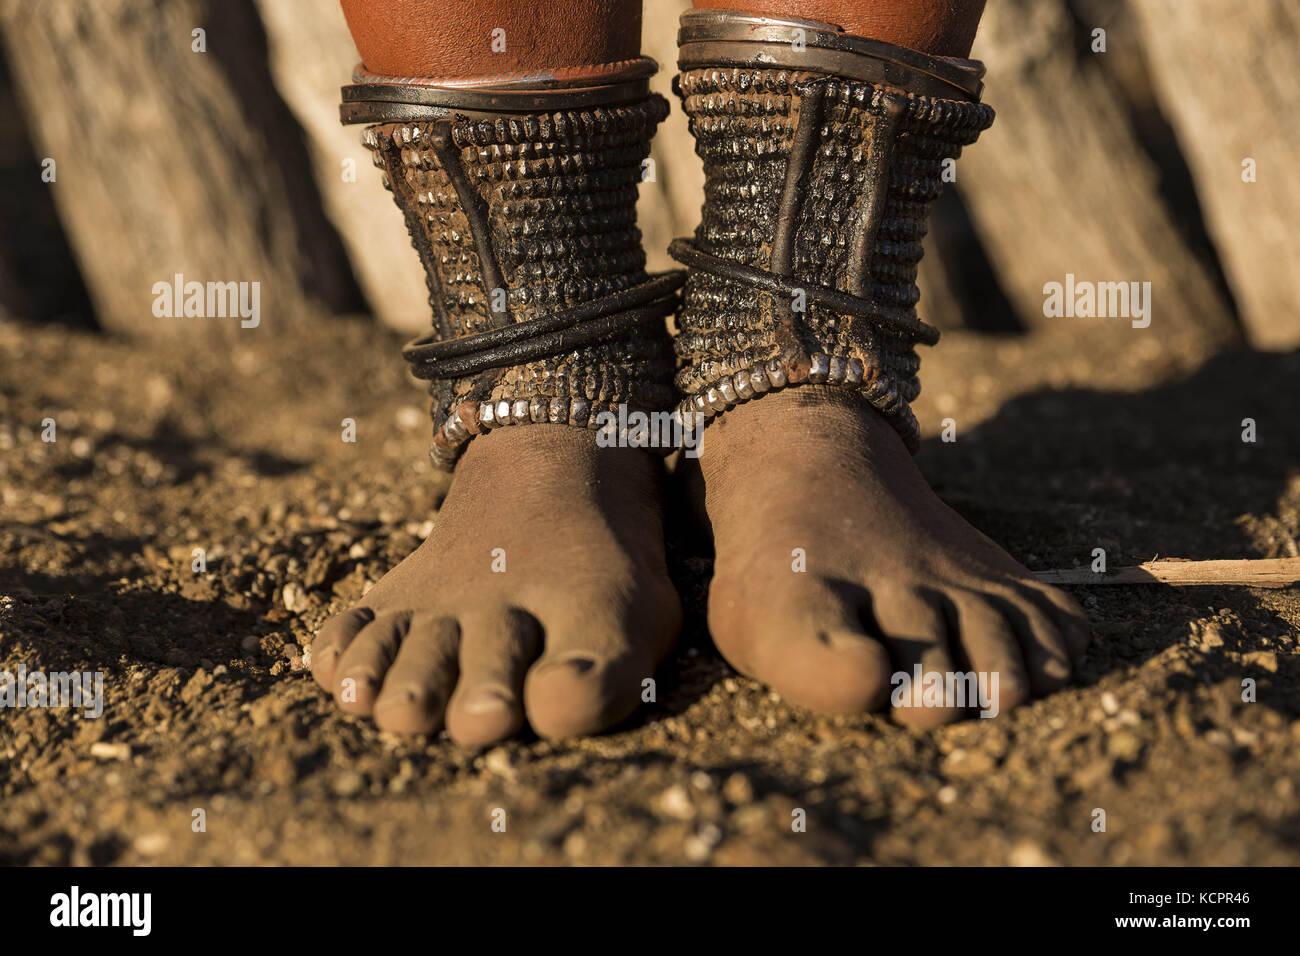 Angola. 24 luglio 2016. Le donne adulte di Himba hanno tutti caviglie con perline (Omohanga) che li aiutano a nascondere i loro soldi. Le caviglie proteggono anche le gambe dai morsi animali venosi. Credit: Tariq Zaidi/ZUMA Wire/Alamy Live News Foto Stock